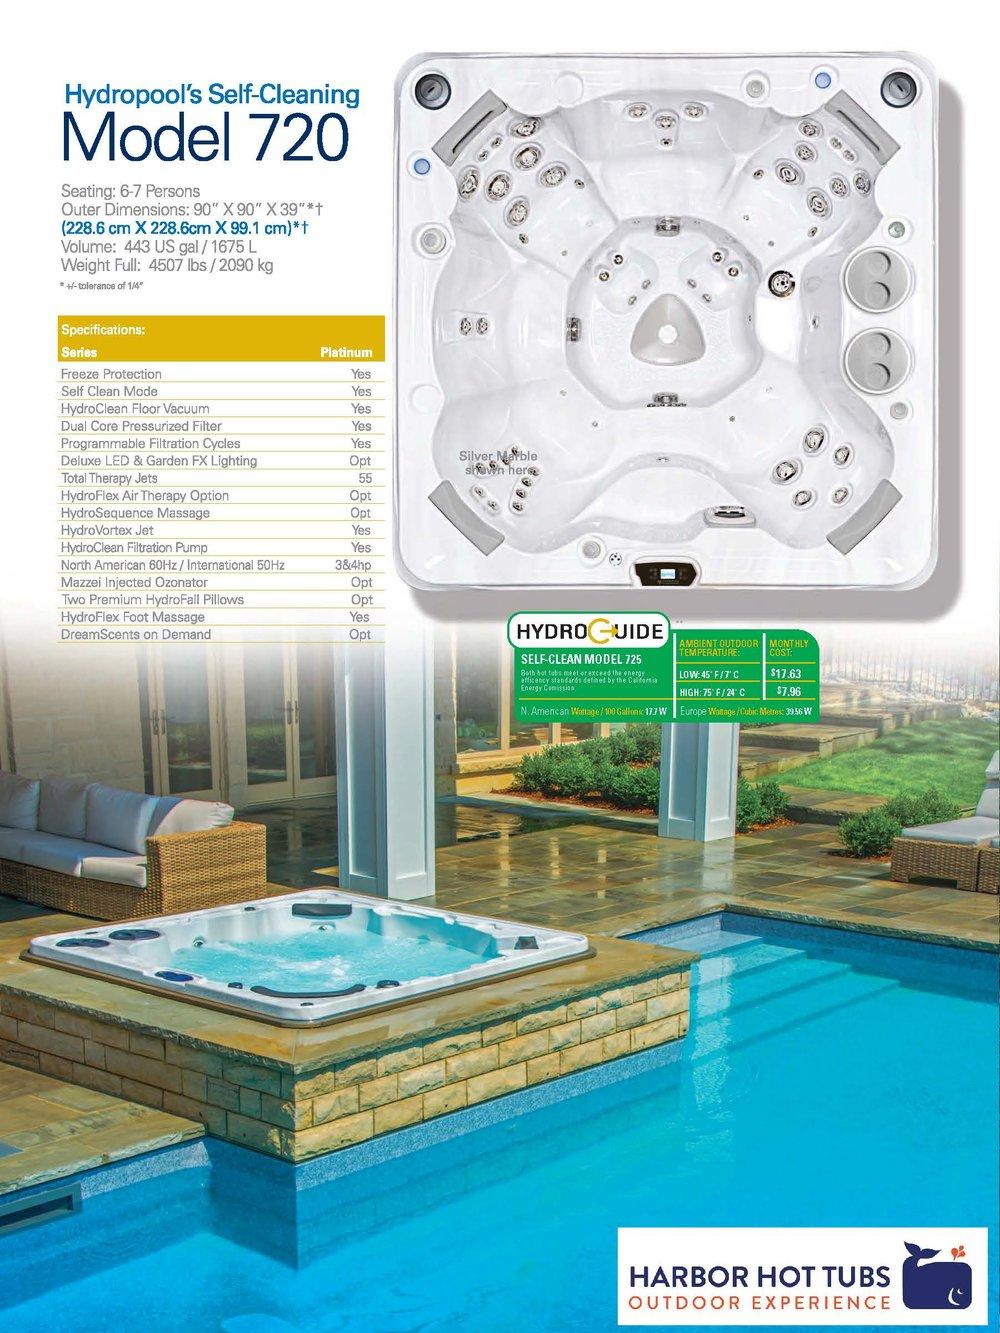 720 Hydropool Self-Cleaning Brochure.jpg